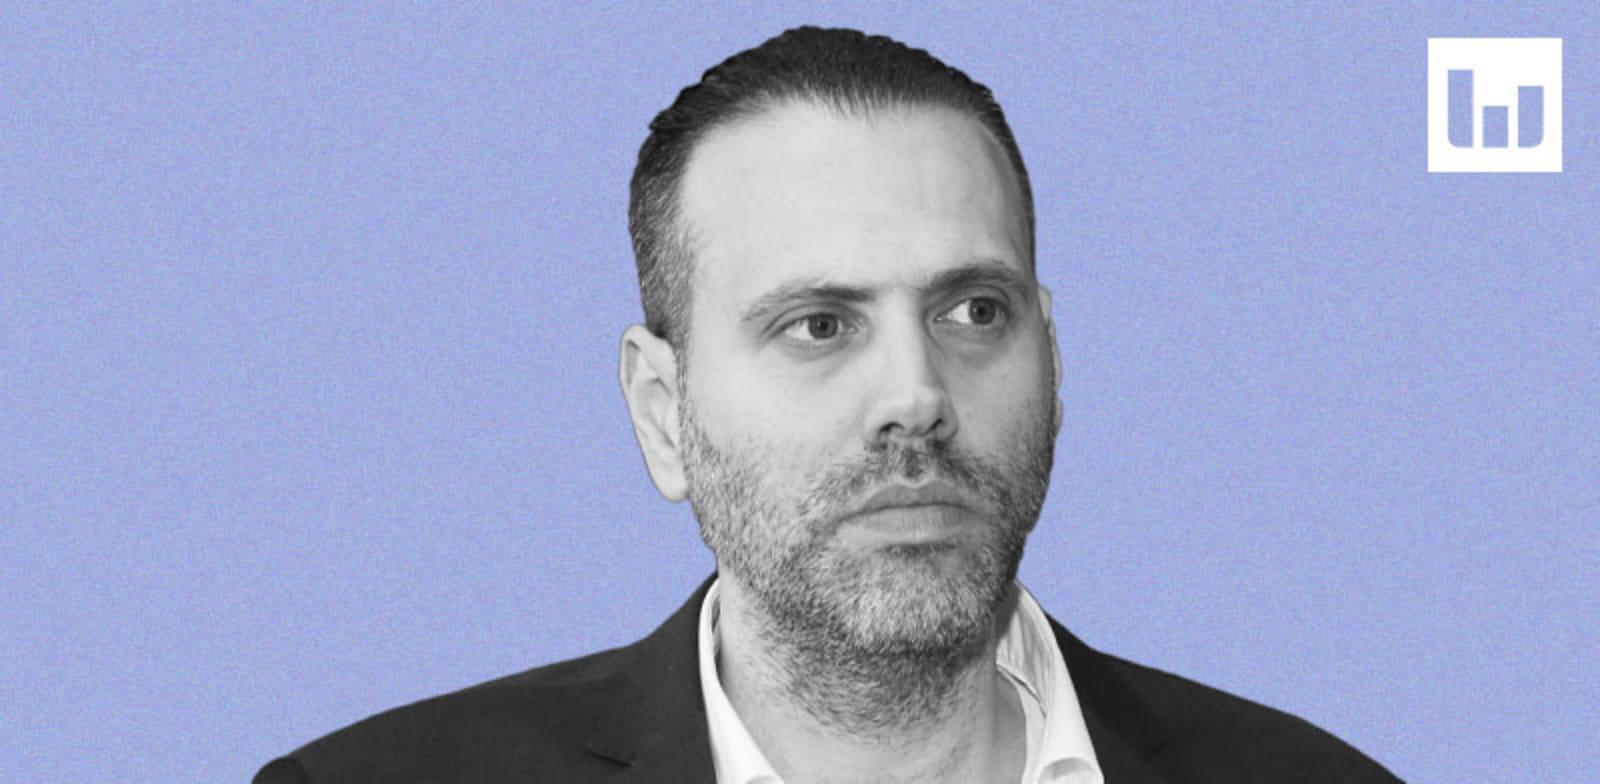 מיקי זוהר, הליכוד / צילום: דוברות לשכת עורכי הדין